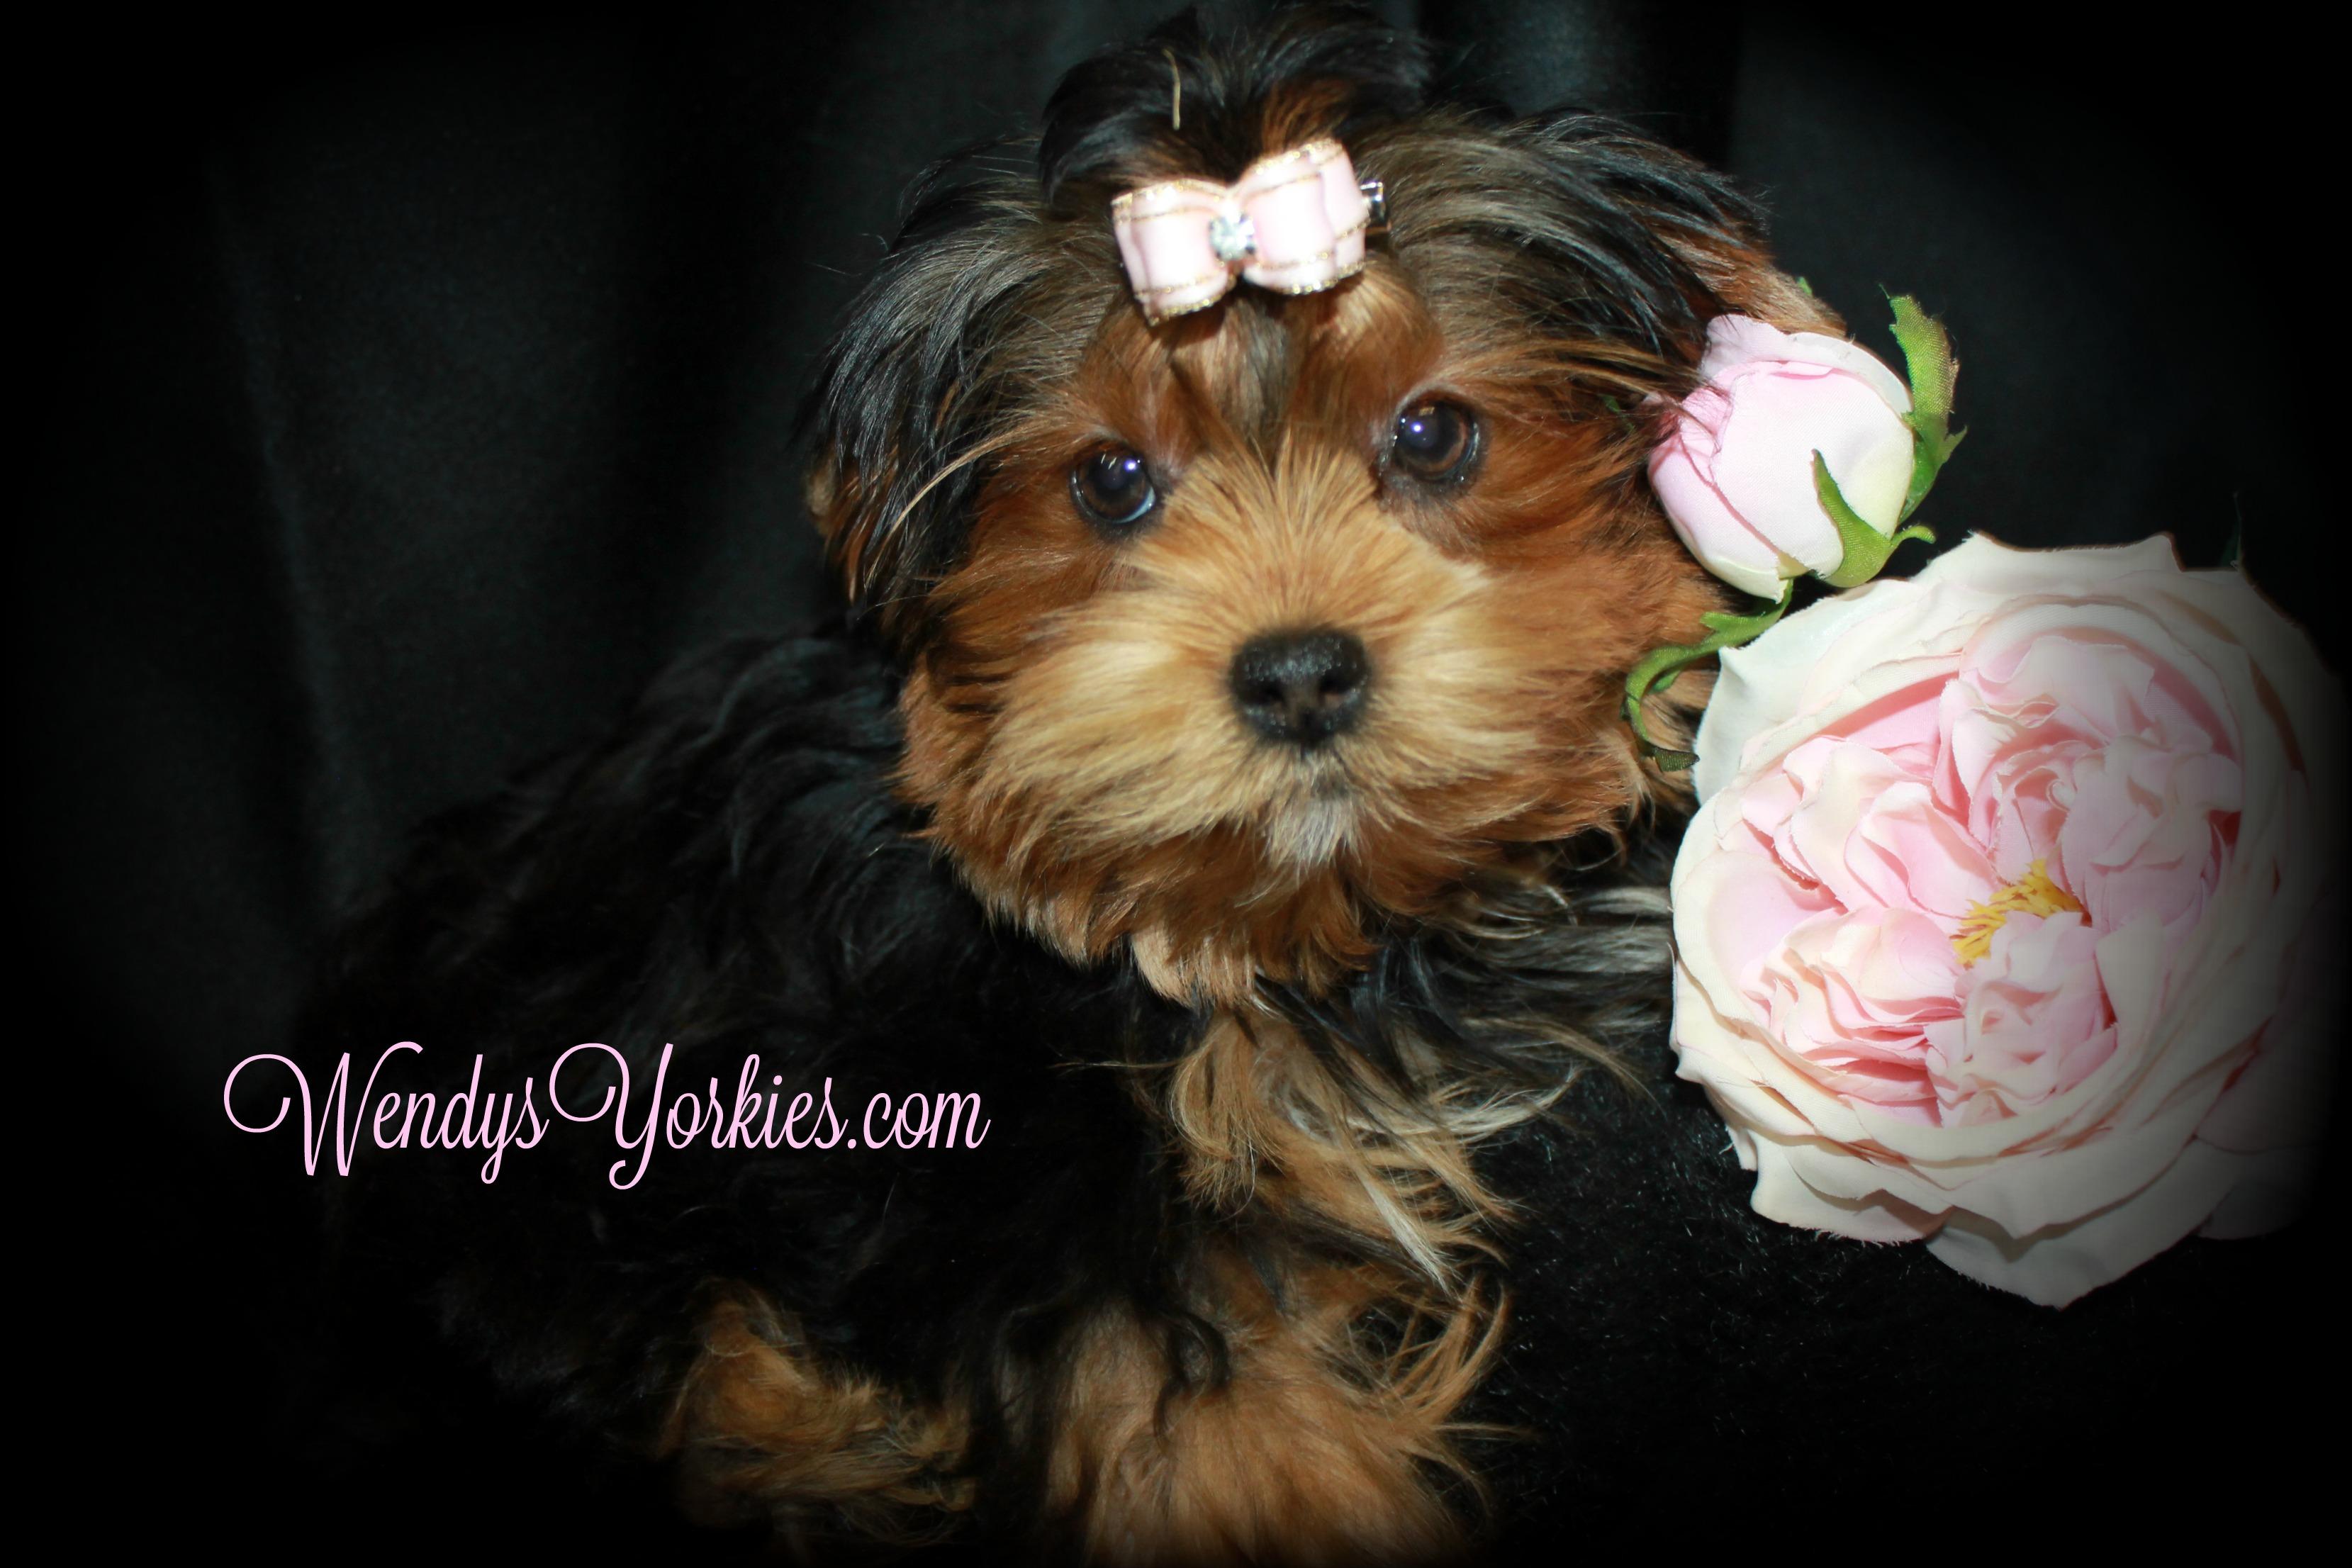 WendysYorkies, Yorkie puppies for sale, PhoebeDixie